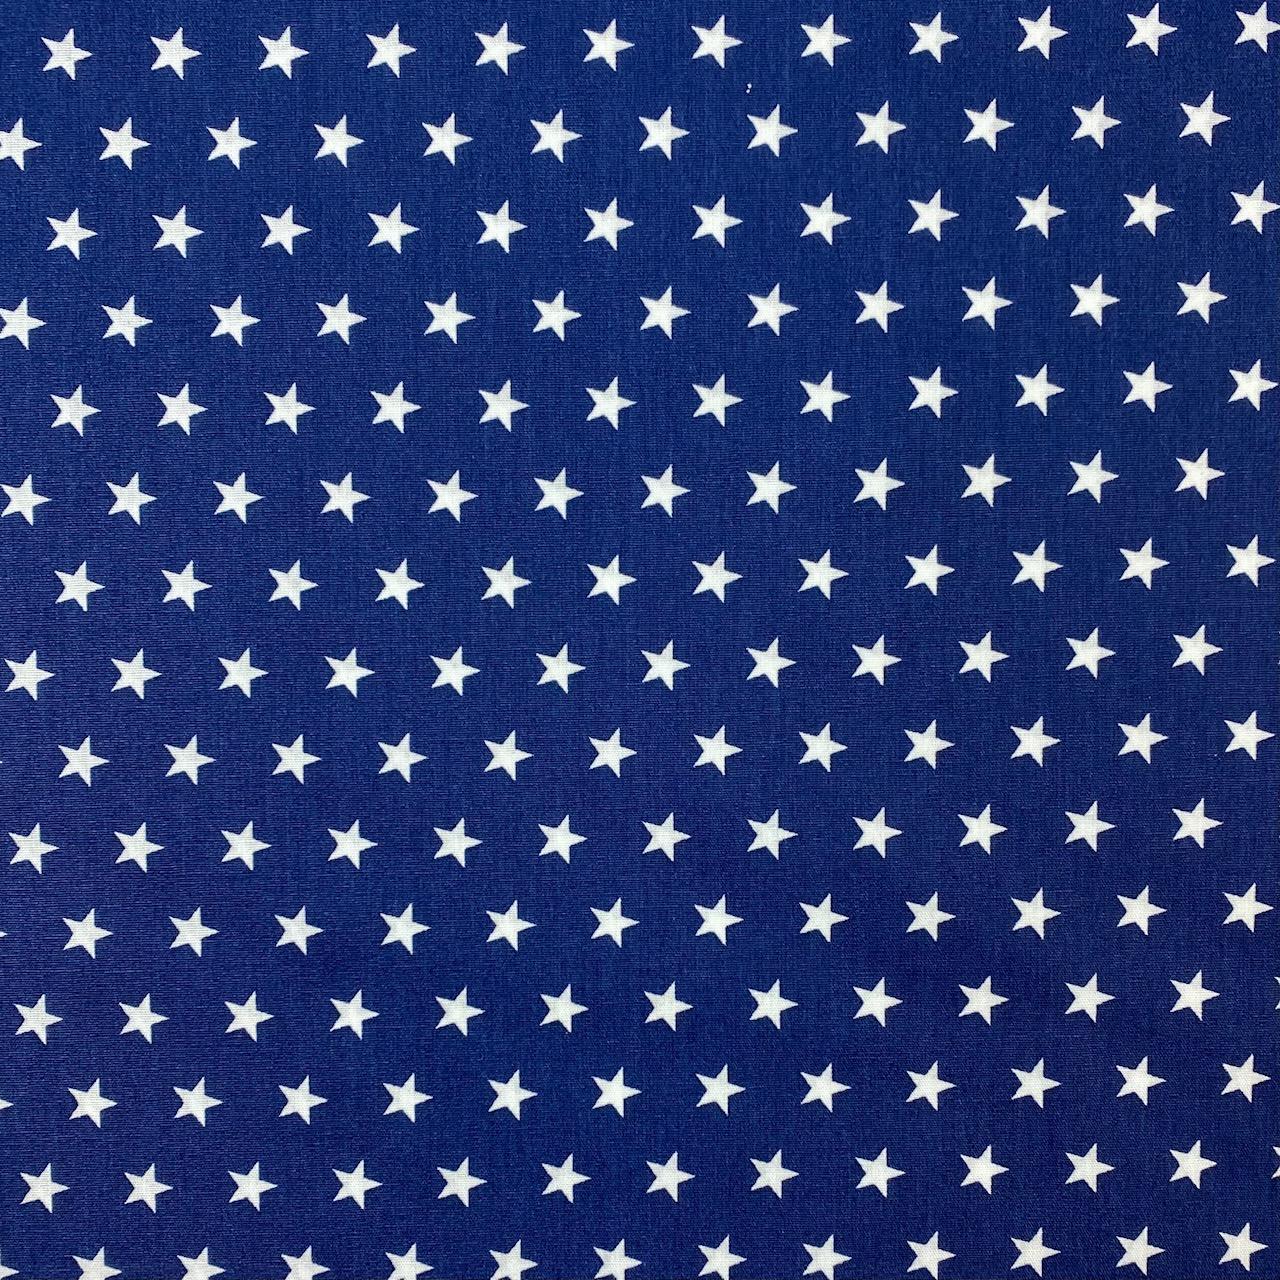 Baumwollpopeline, Sterne, dunkelblau. Art. SW11378